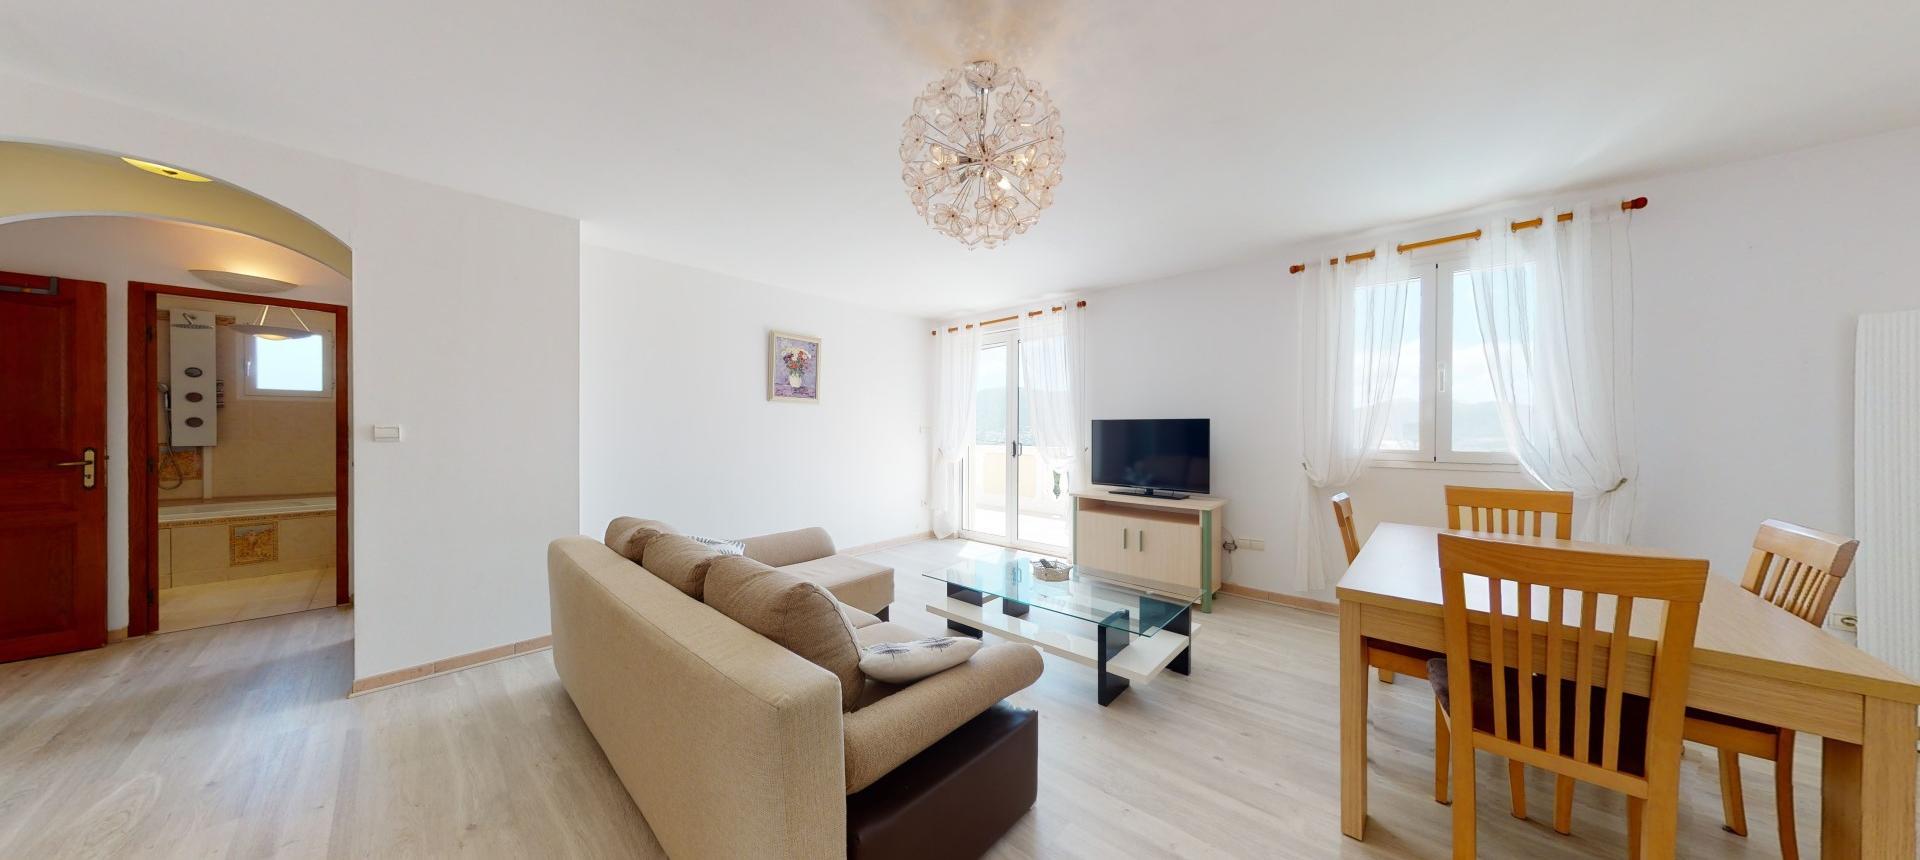 A vendre villa avec vue dégagée proche Ajaccio - AFA-SEJOUR R+1